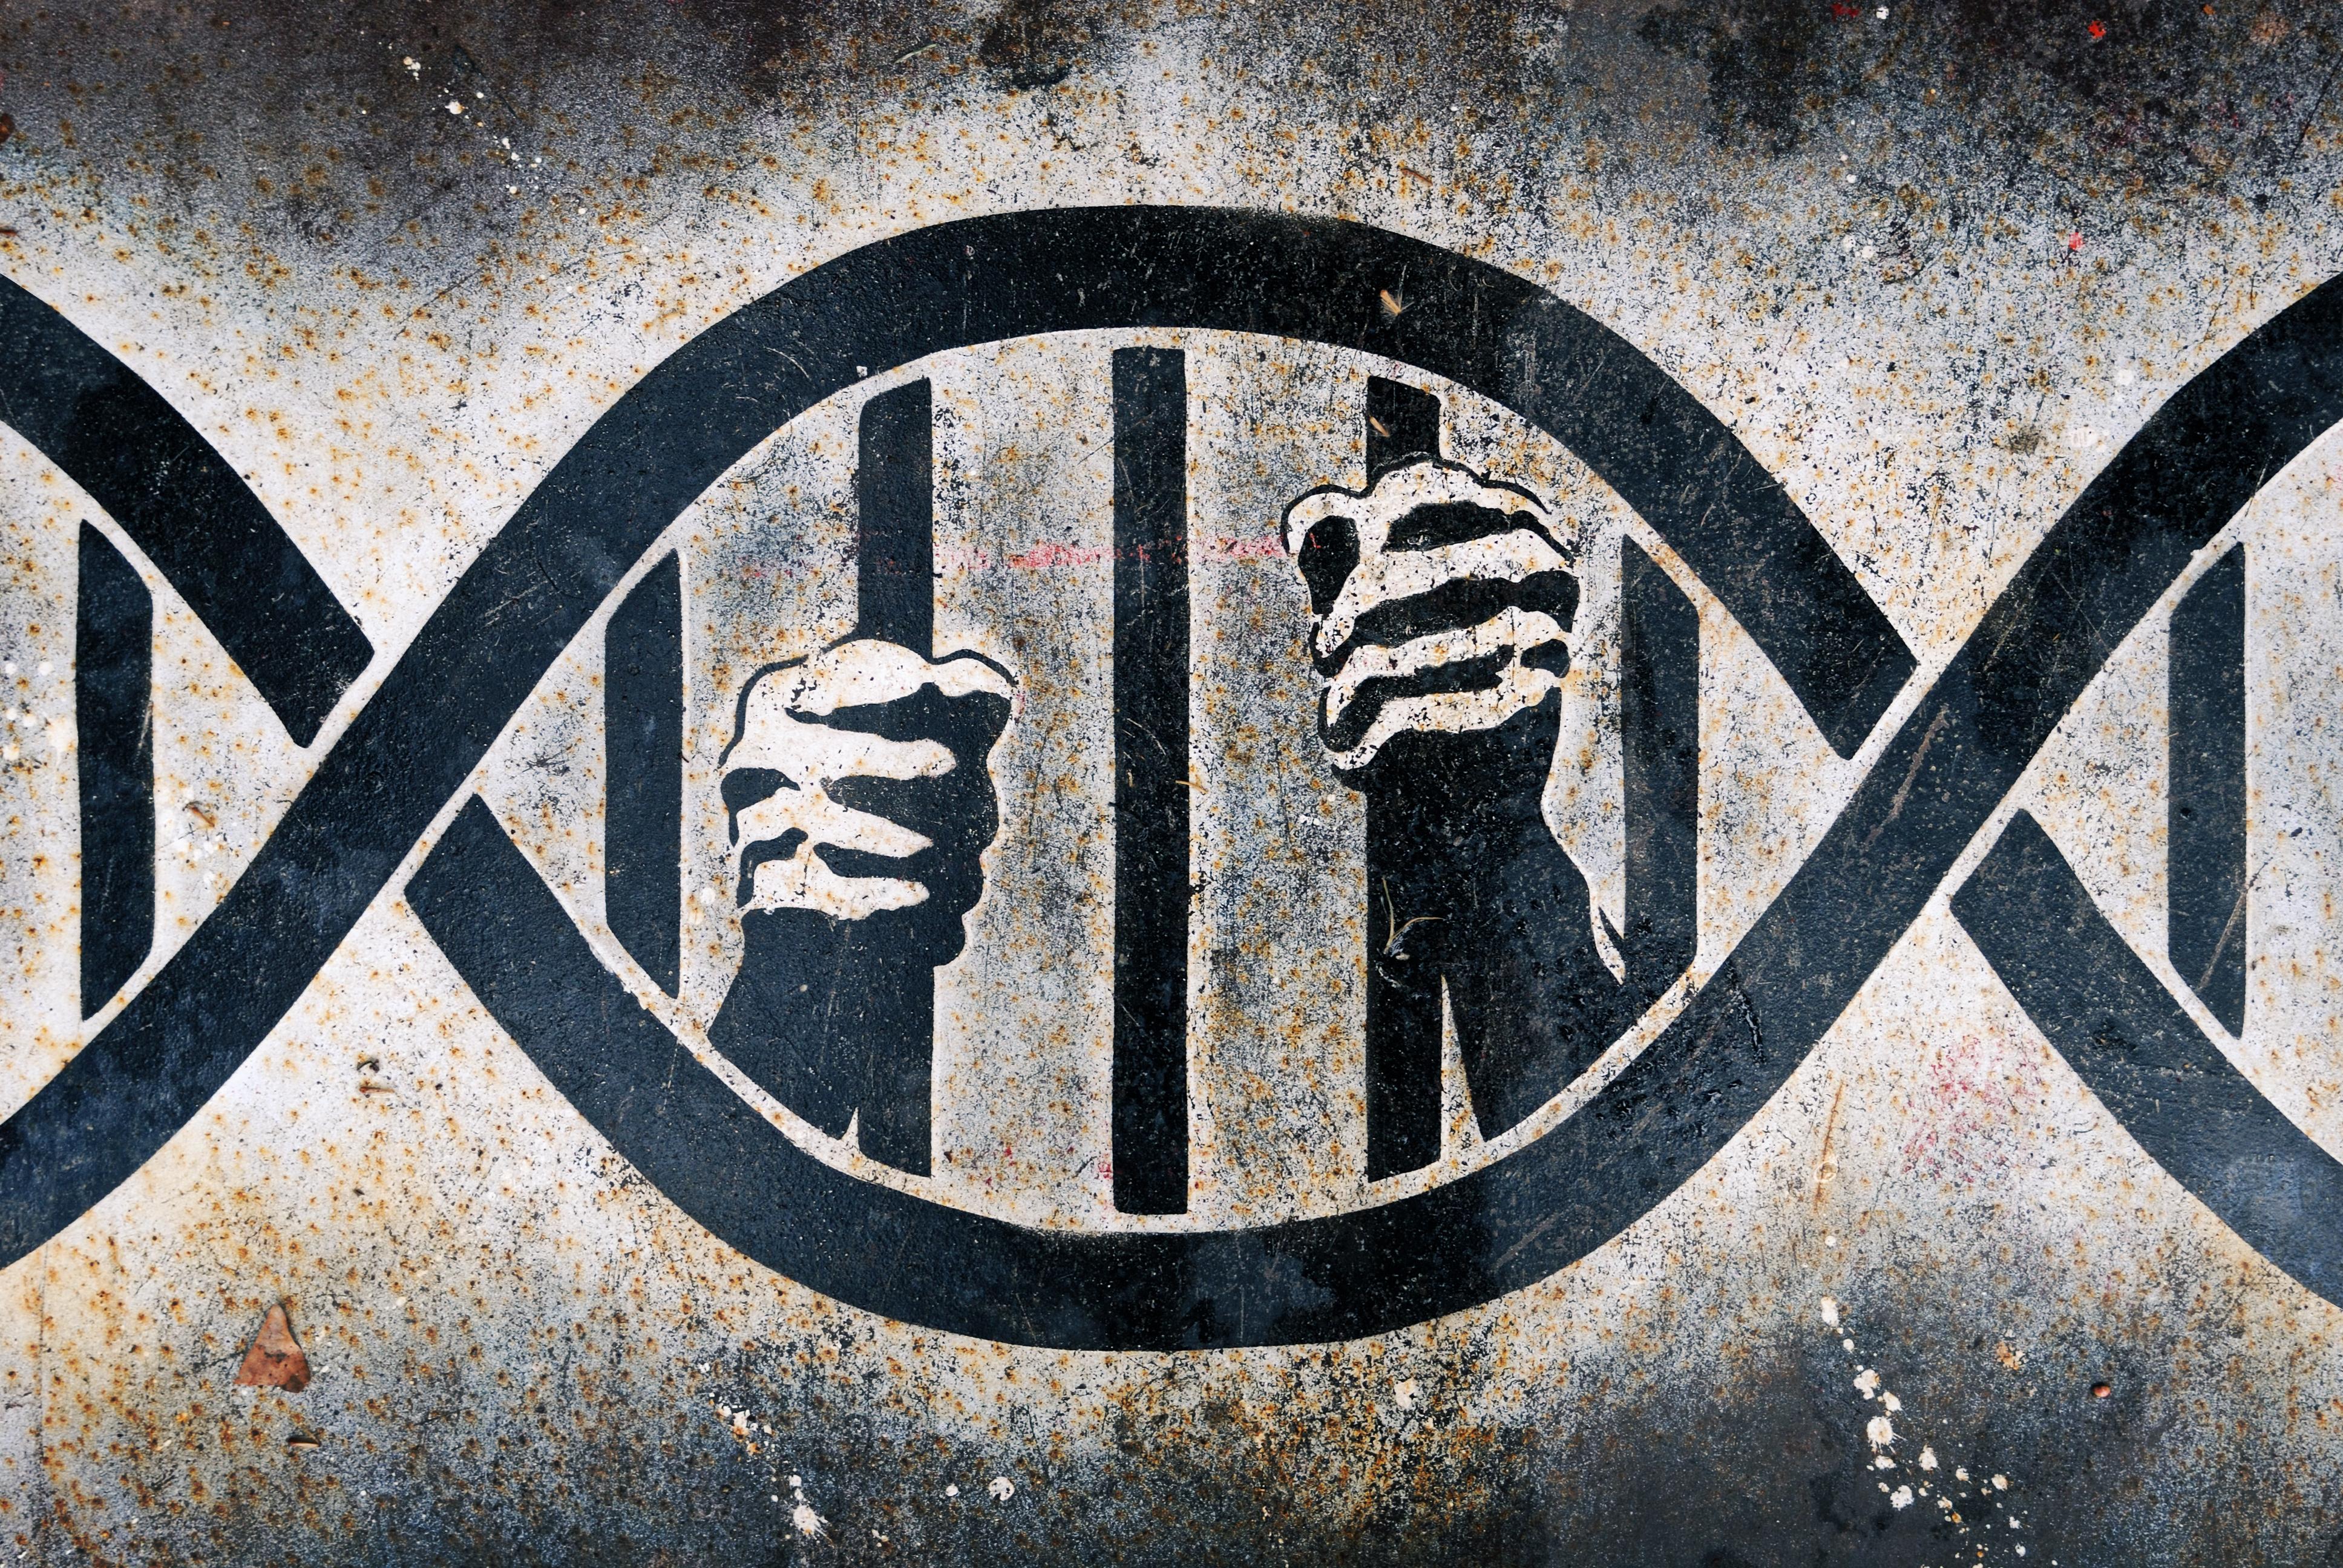 DNA prison